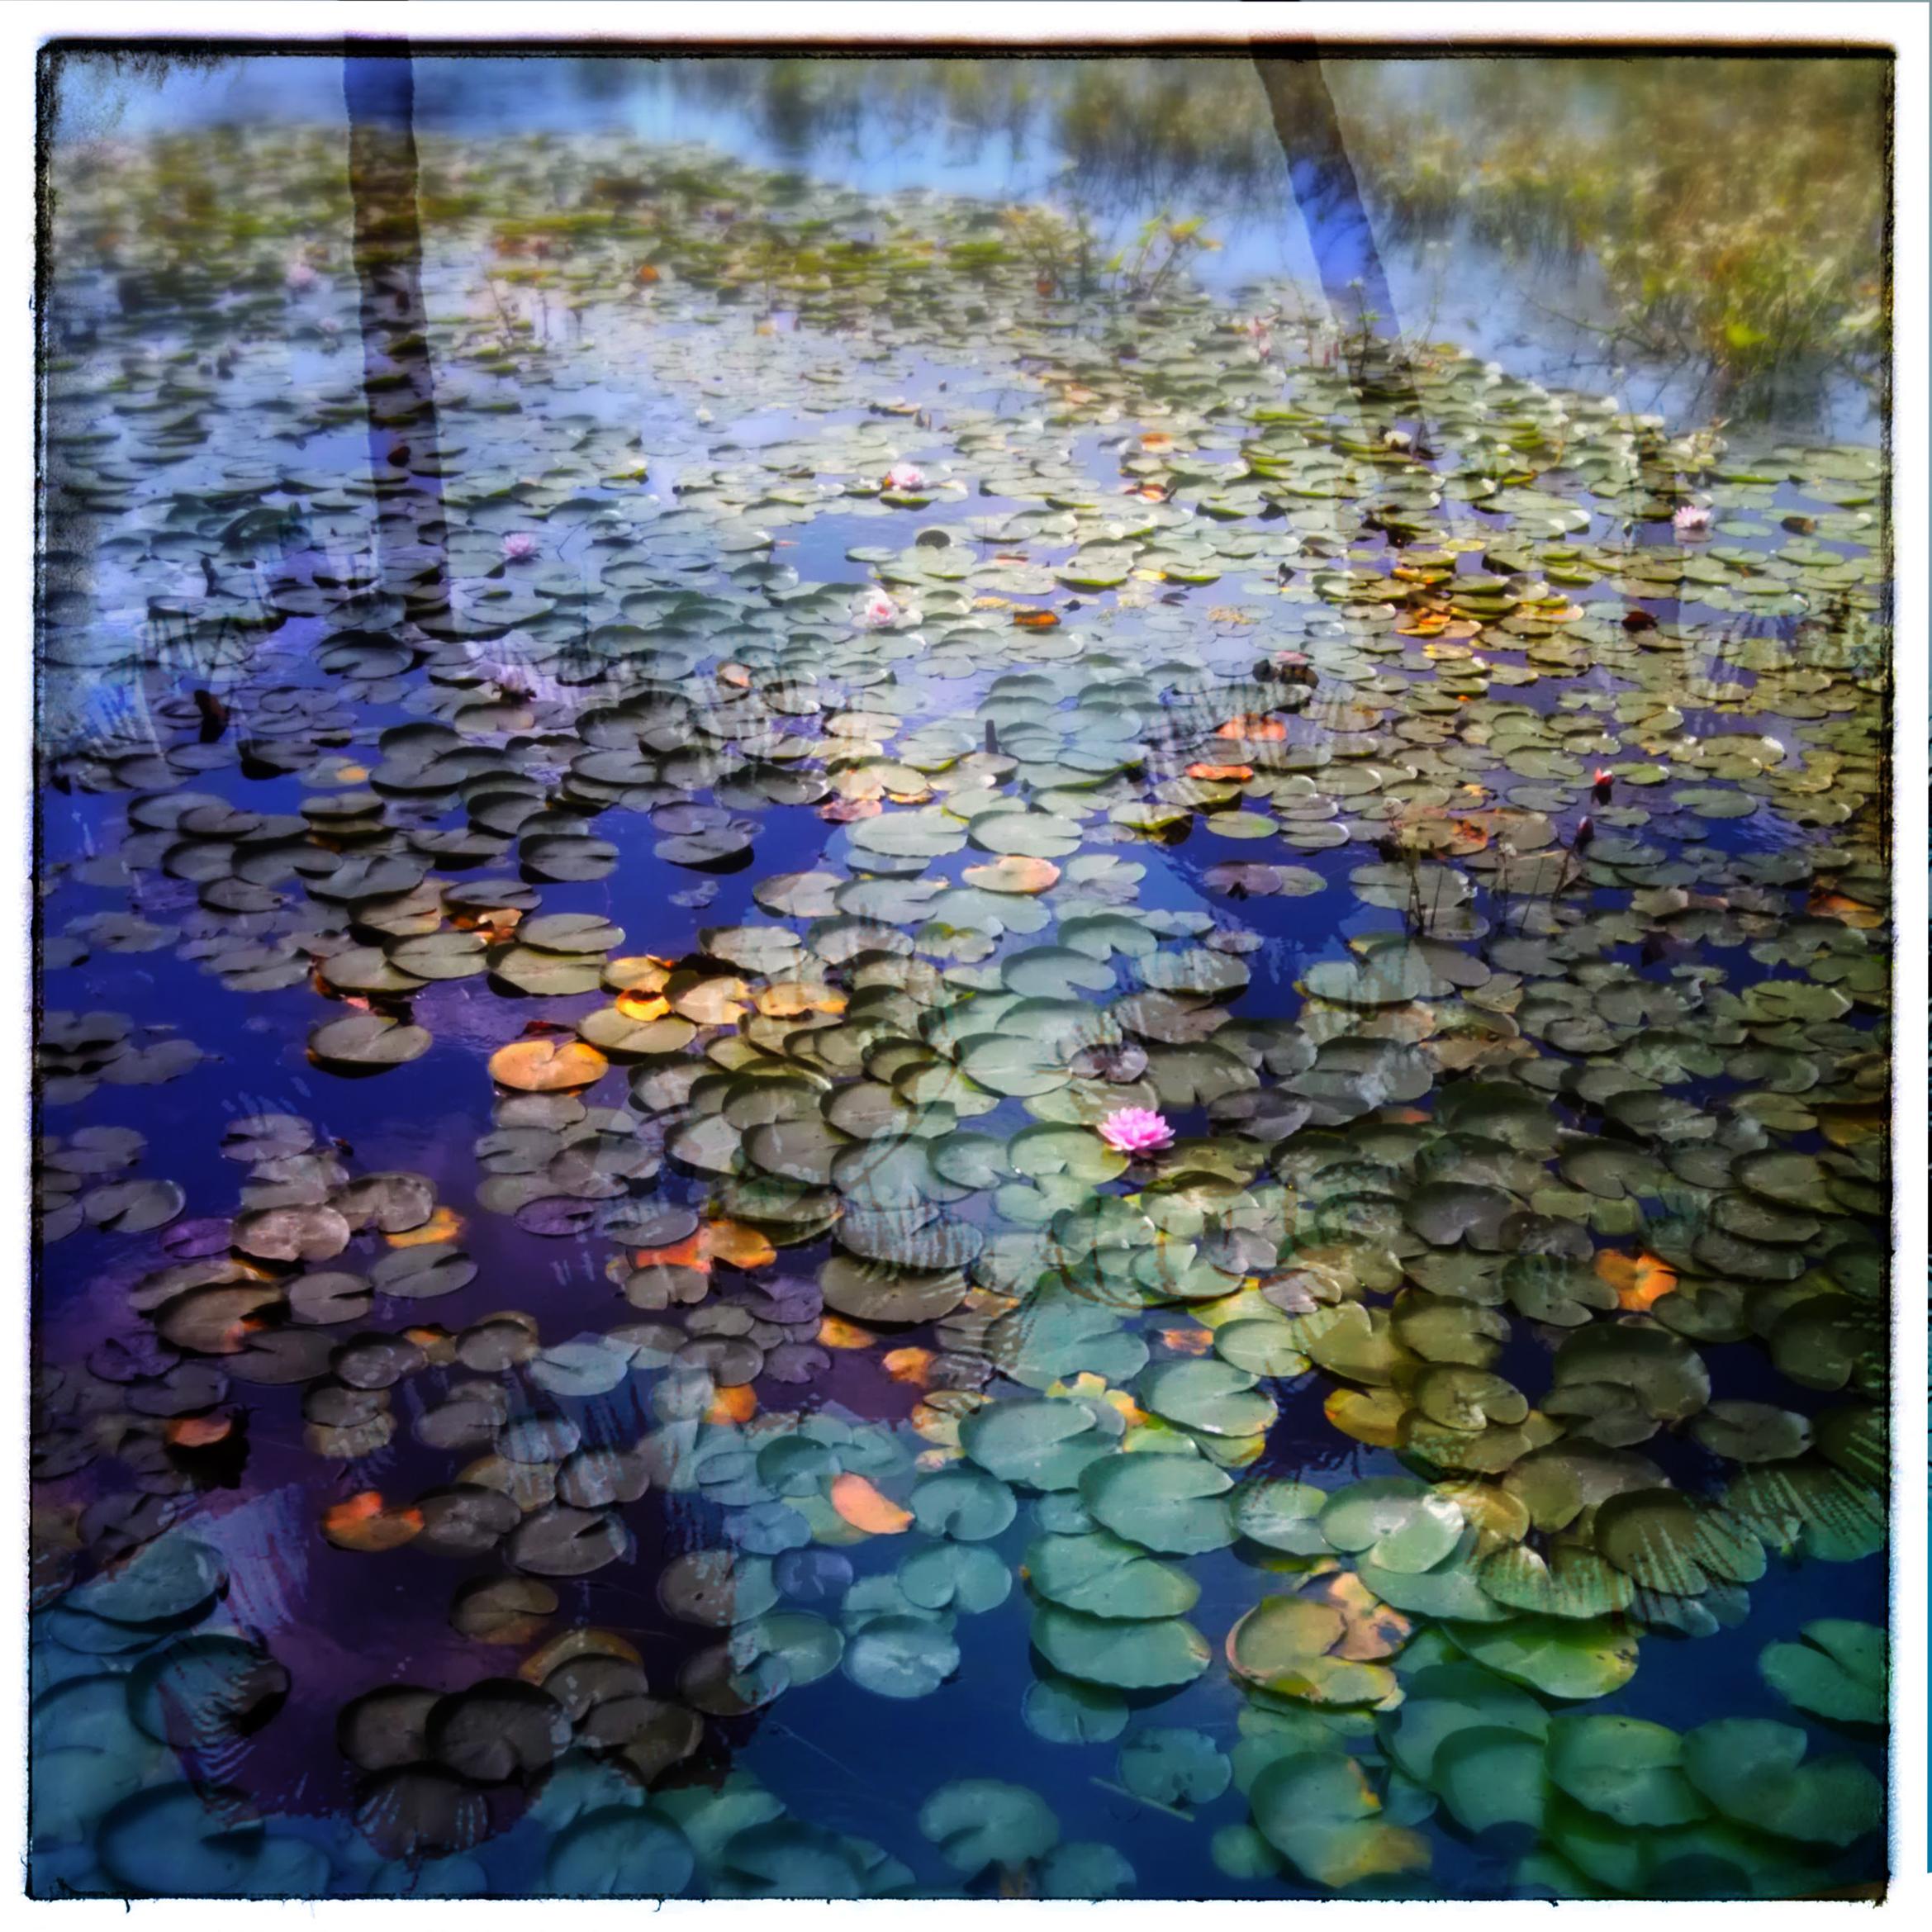 Echo Park Lake, Los Angeles CA